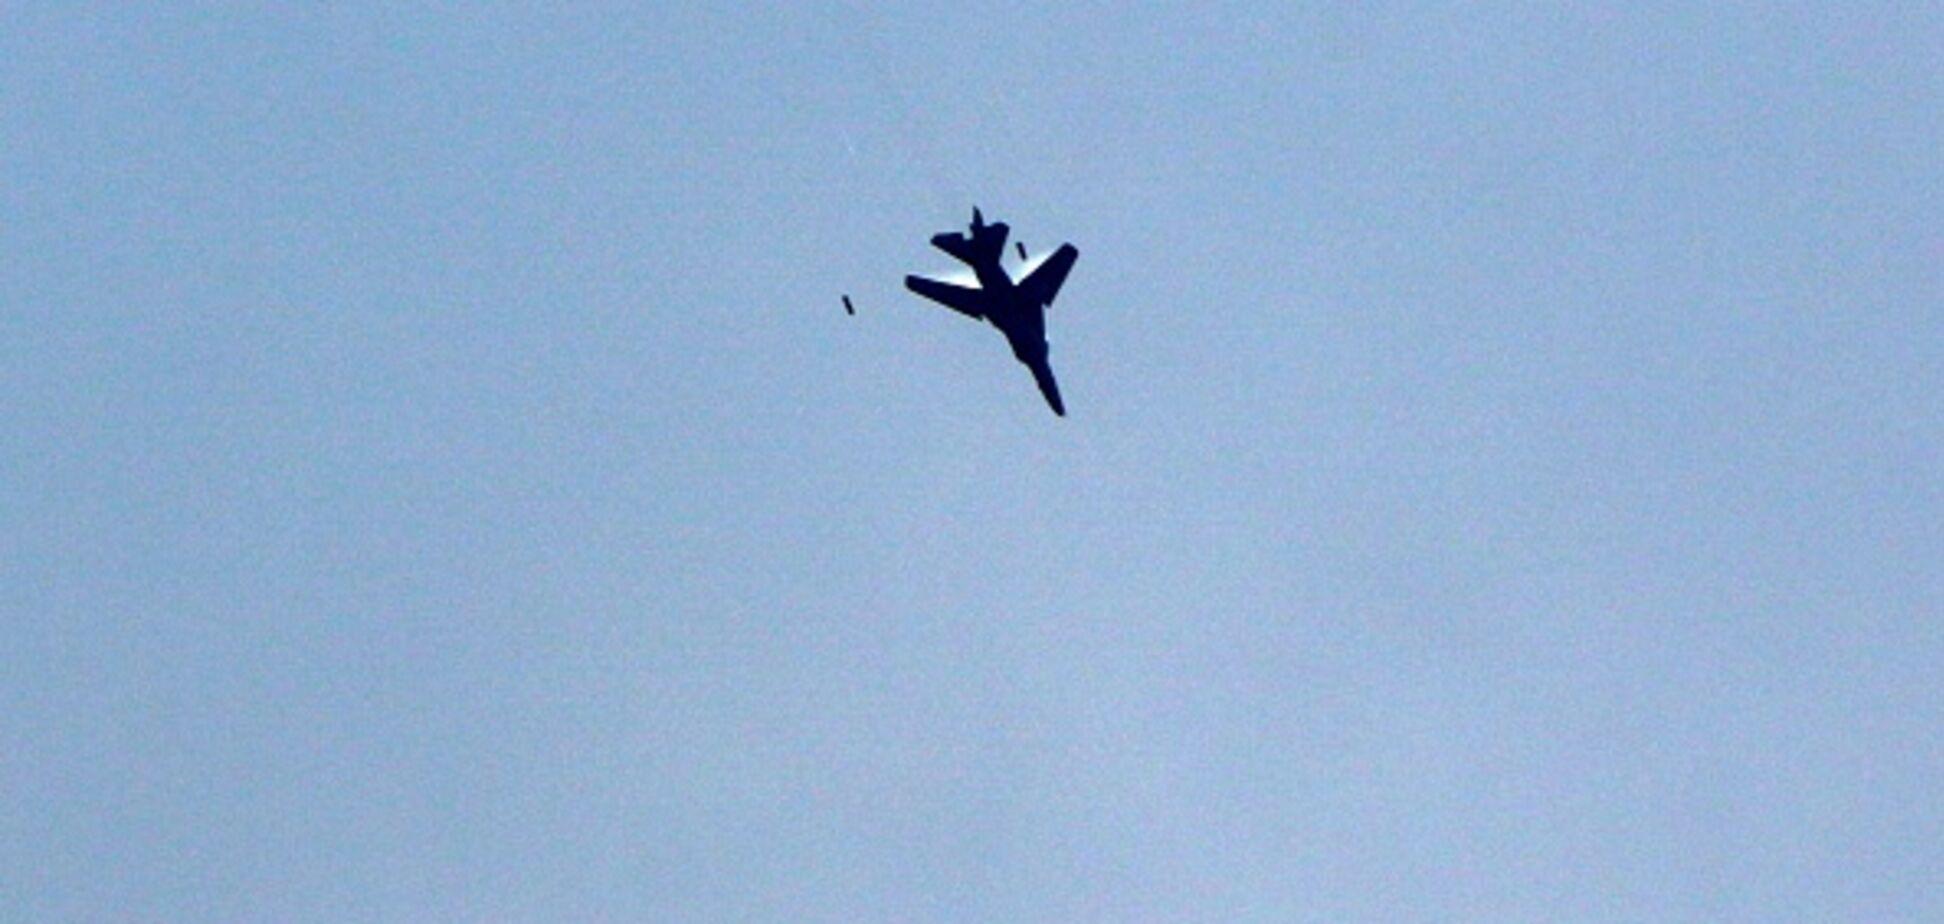 В Італії розбився літак під час авіашоу: момент аварії зняли на відео